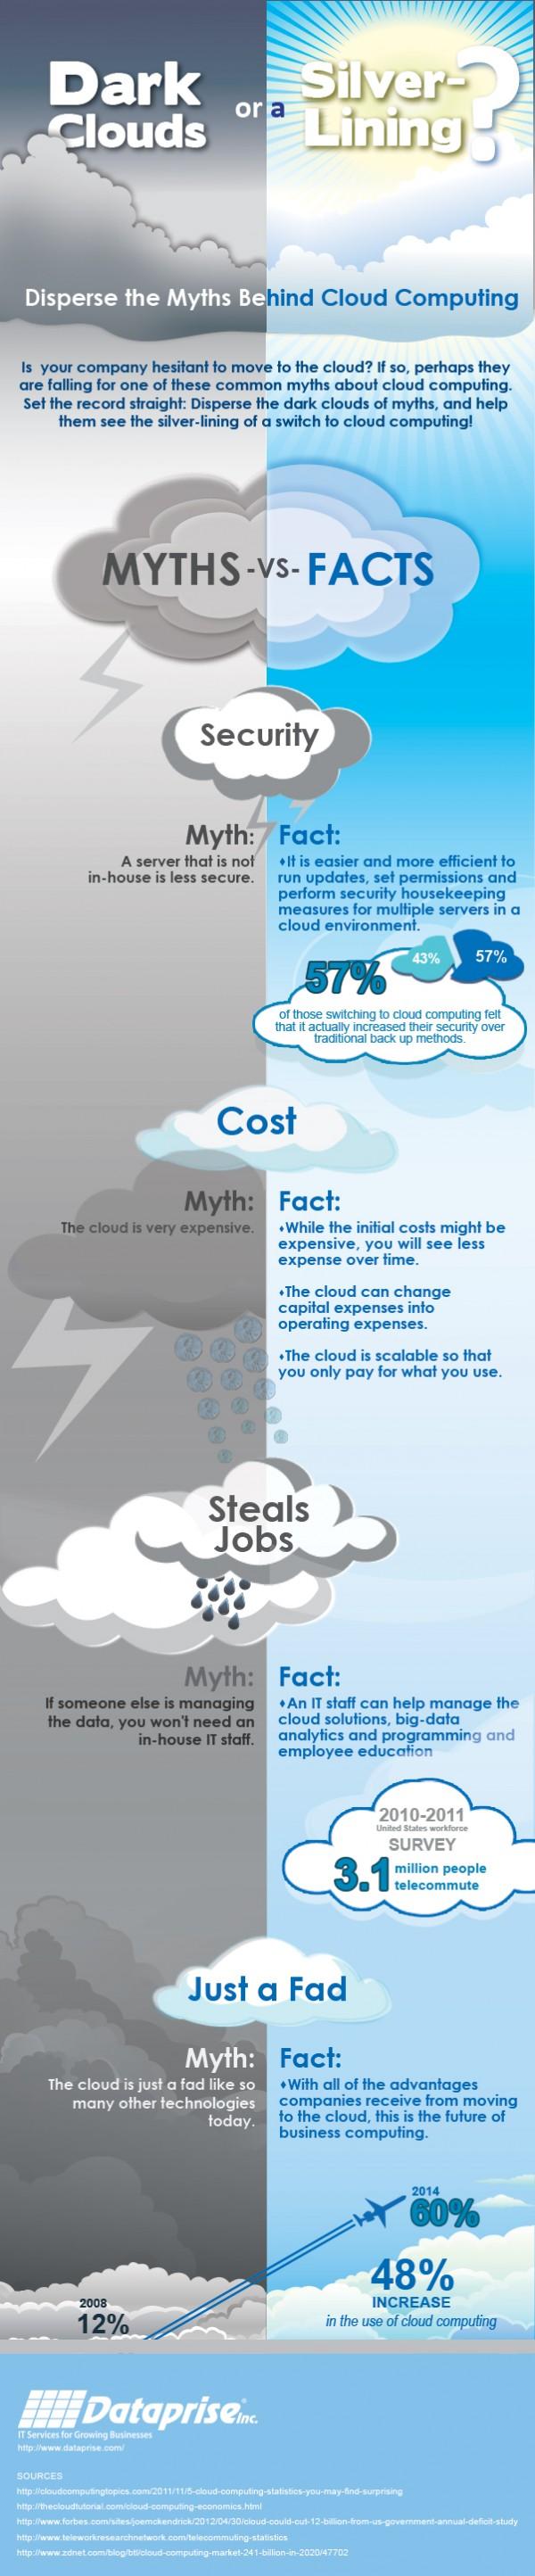 La nube, mitos y verdades